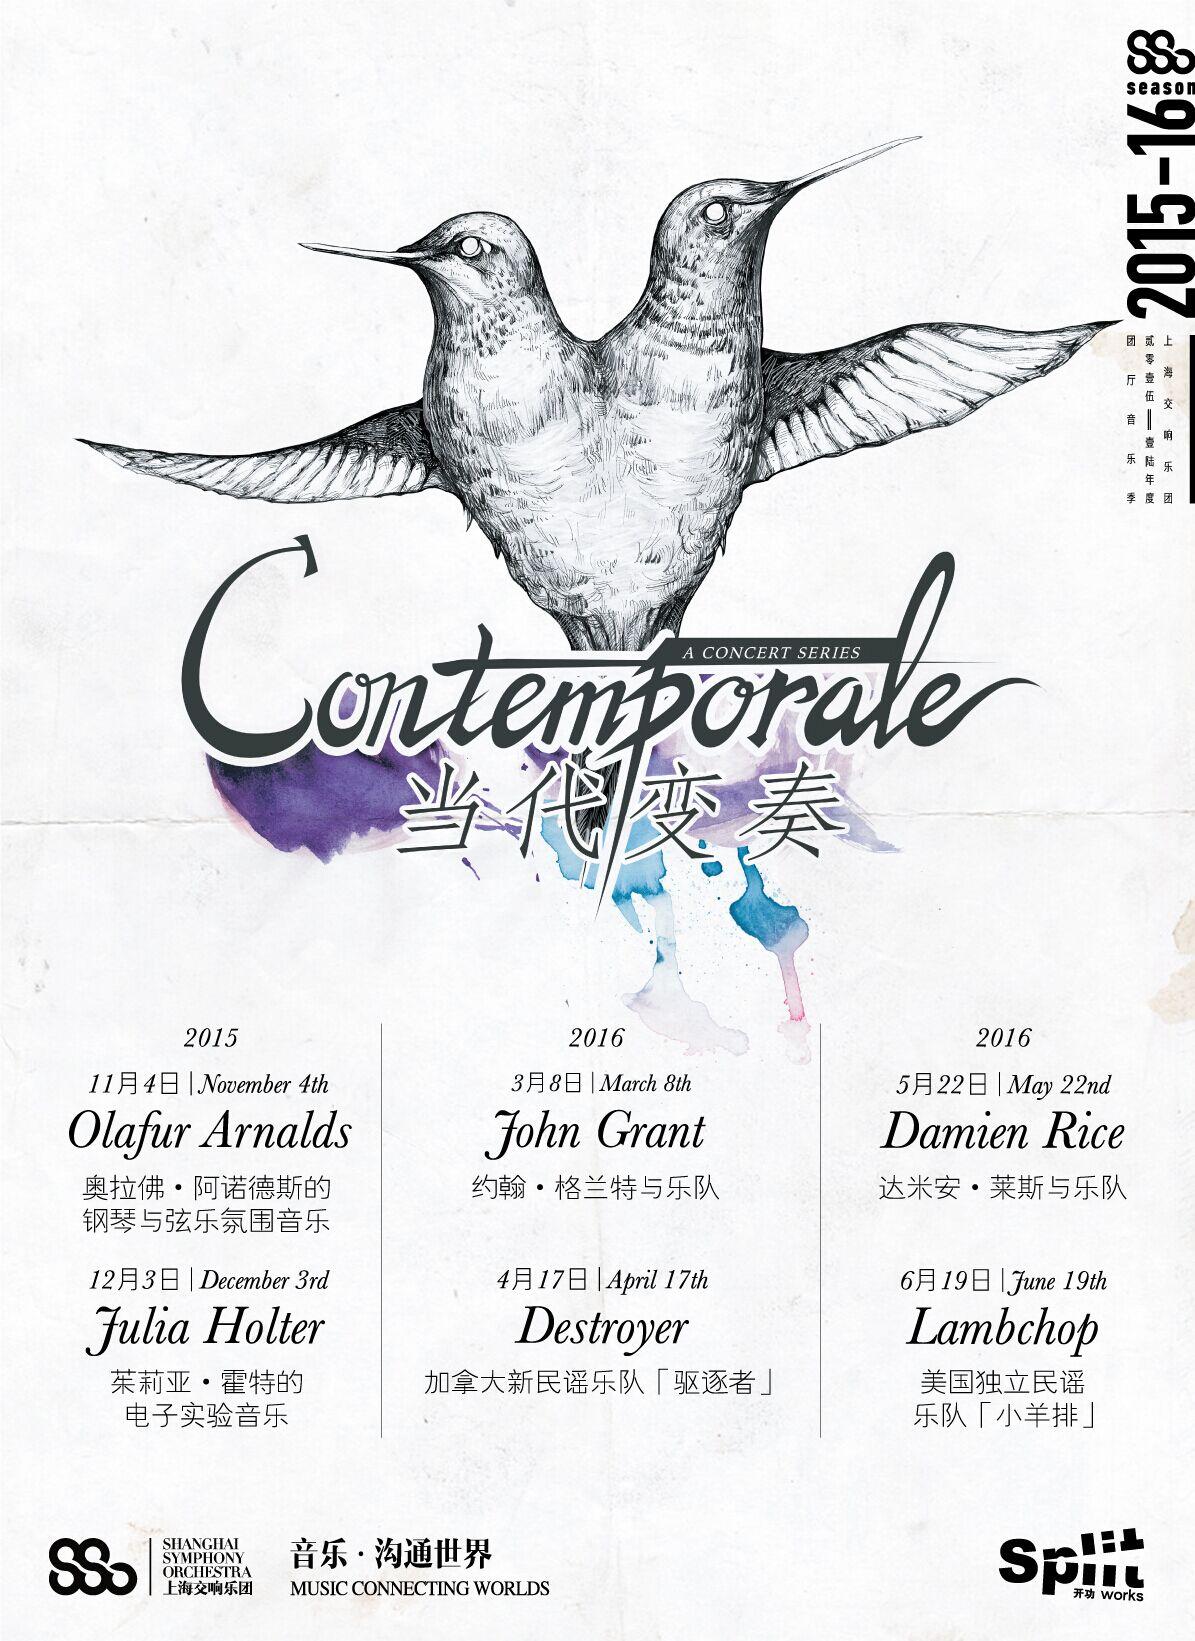 CONTEMPORALE 当代变奏 系列演出2015-2016